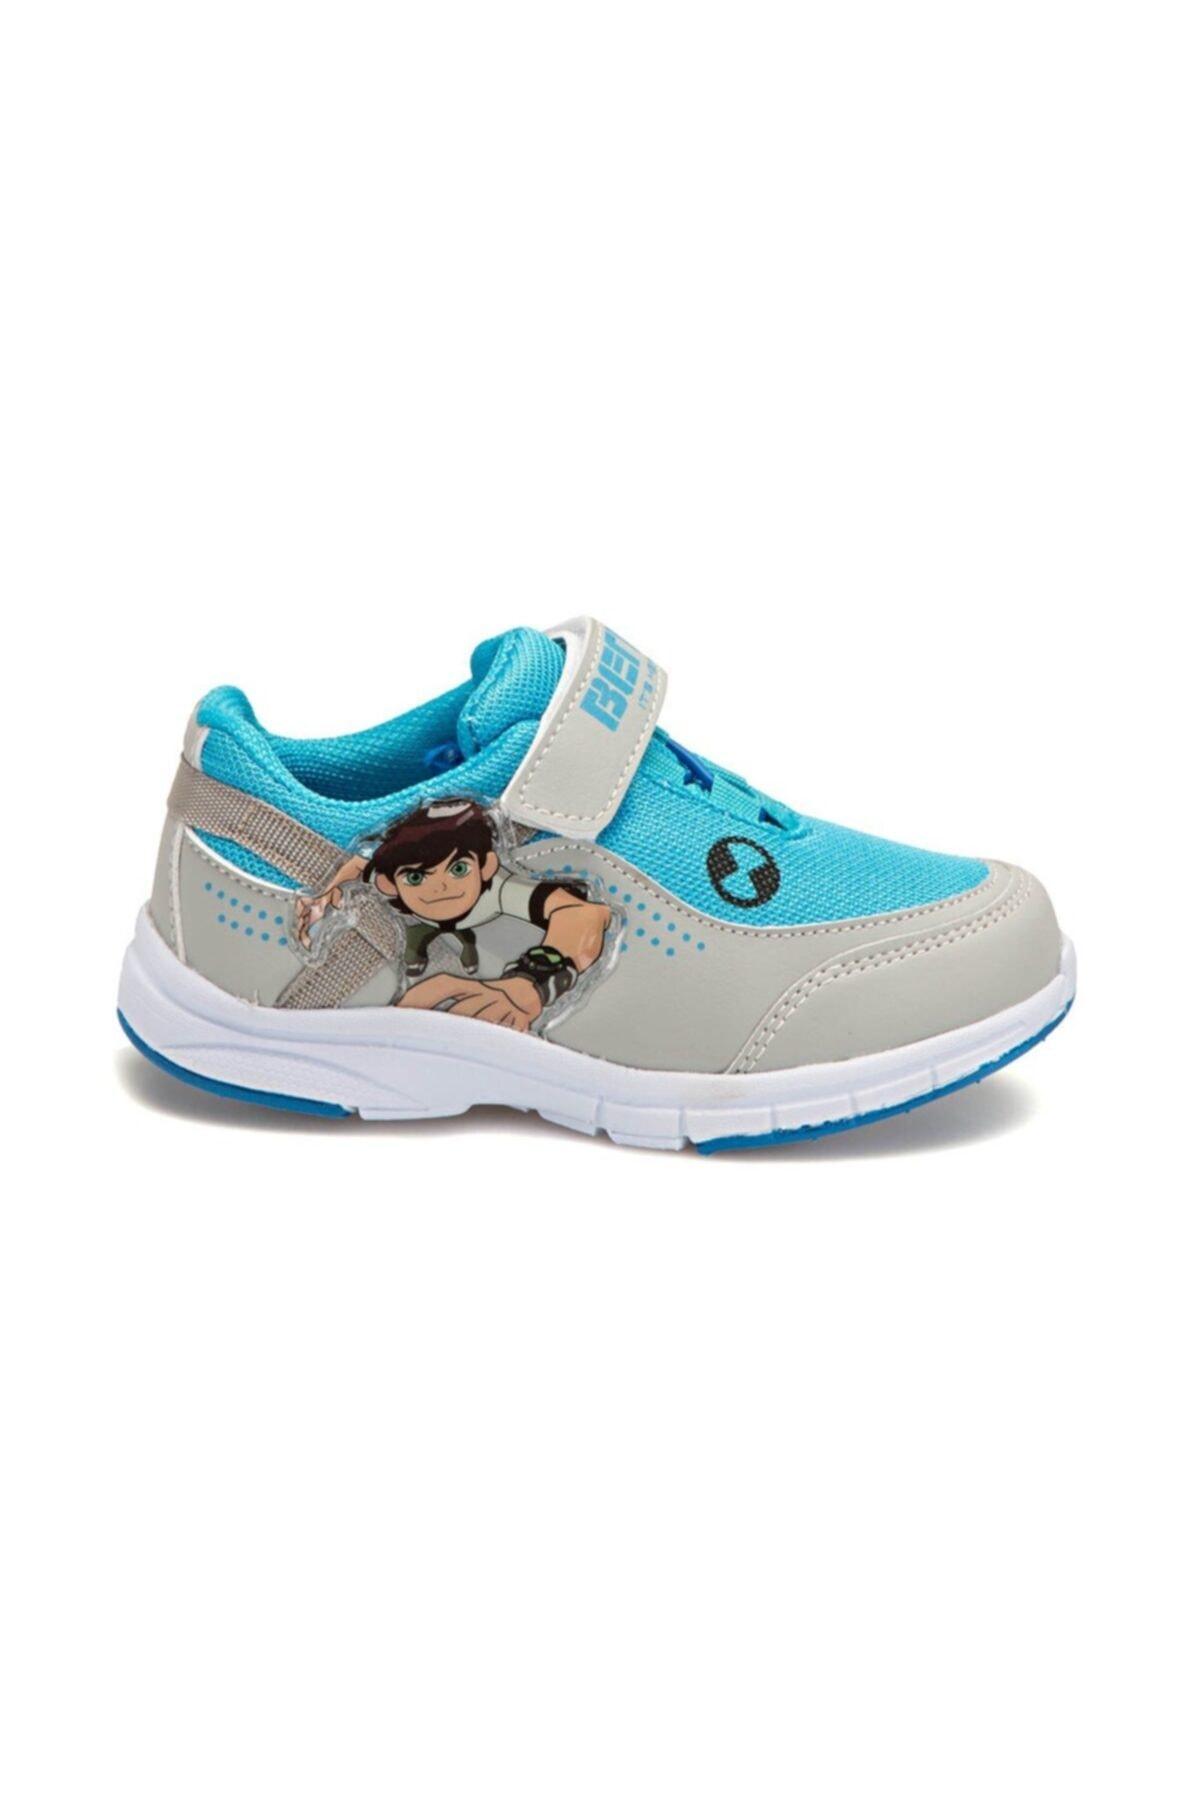 Ben 10 Ben10 Yeti Parlament Renk Erkek Çocuk Cırtlı Spor Ayakkabı 2